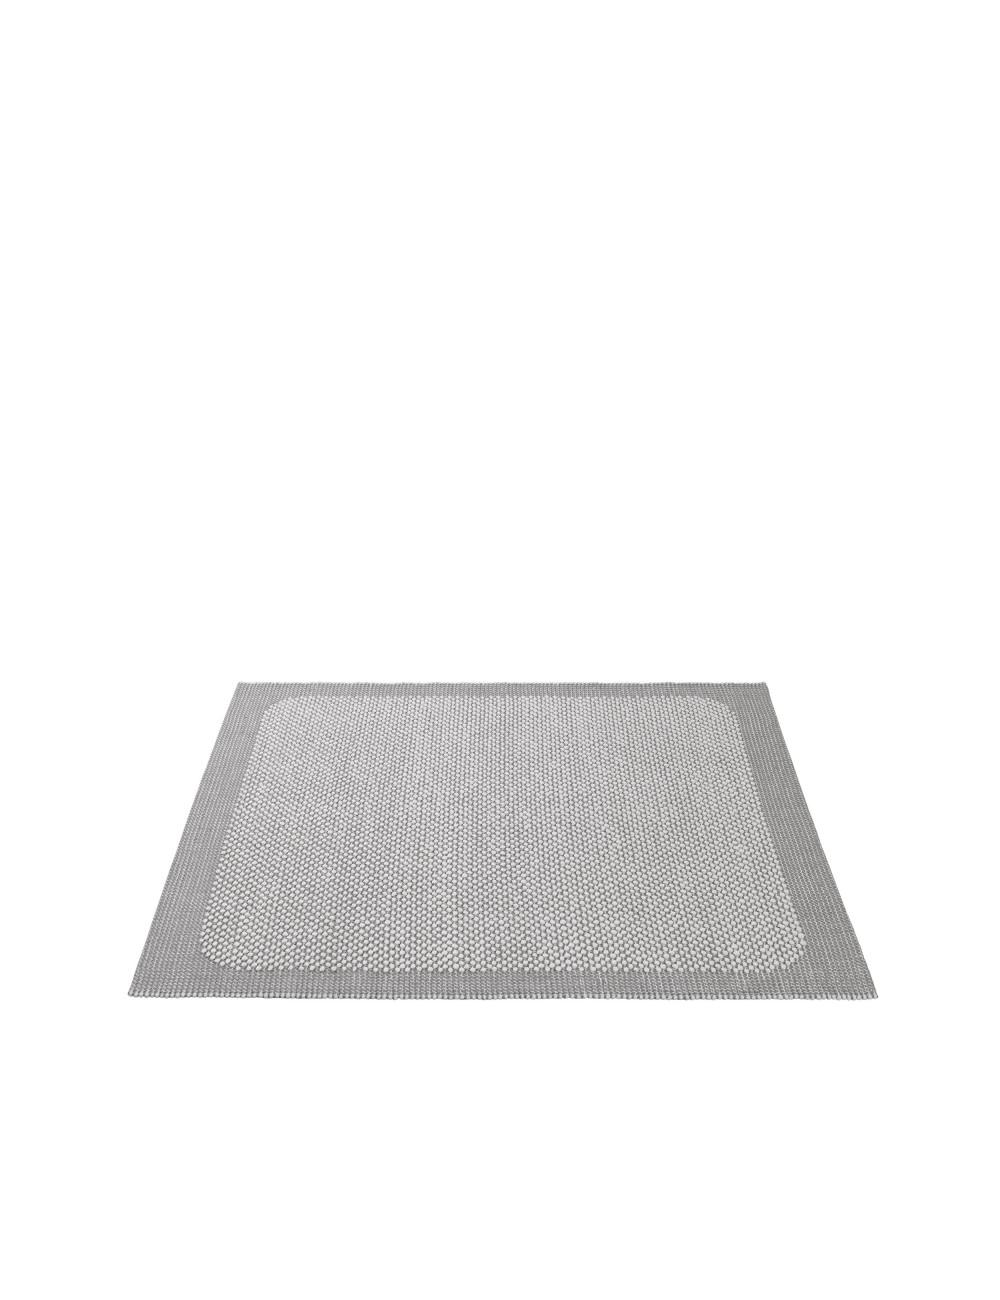 Tapijt Pebble 240x170cm | licht grijs